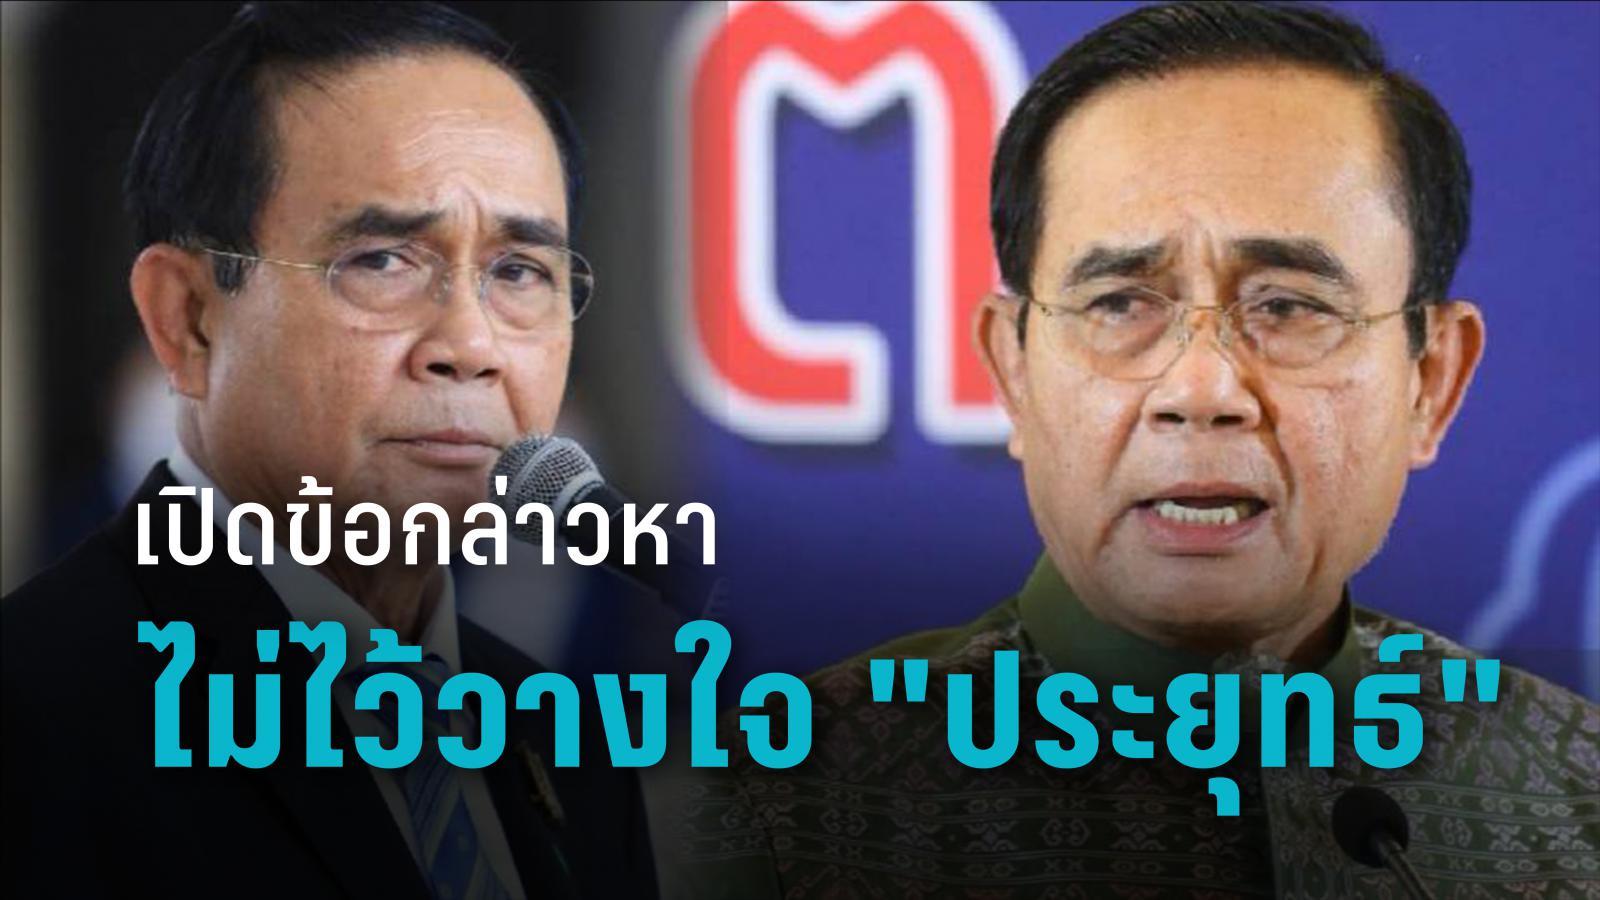 """ฝ่ายค้านล็อกเป้า ถล่ม """"บิ๊กตู่"""" คนแรก เปิดข้อกล่าวหา อภิปรายไม่ไว้วางใจนายกรัฐมนตรี"""